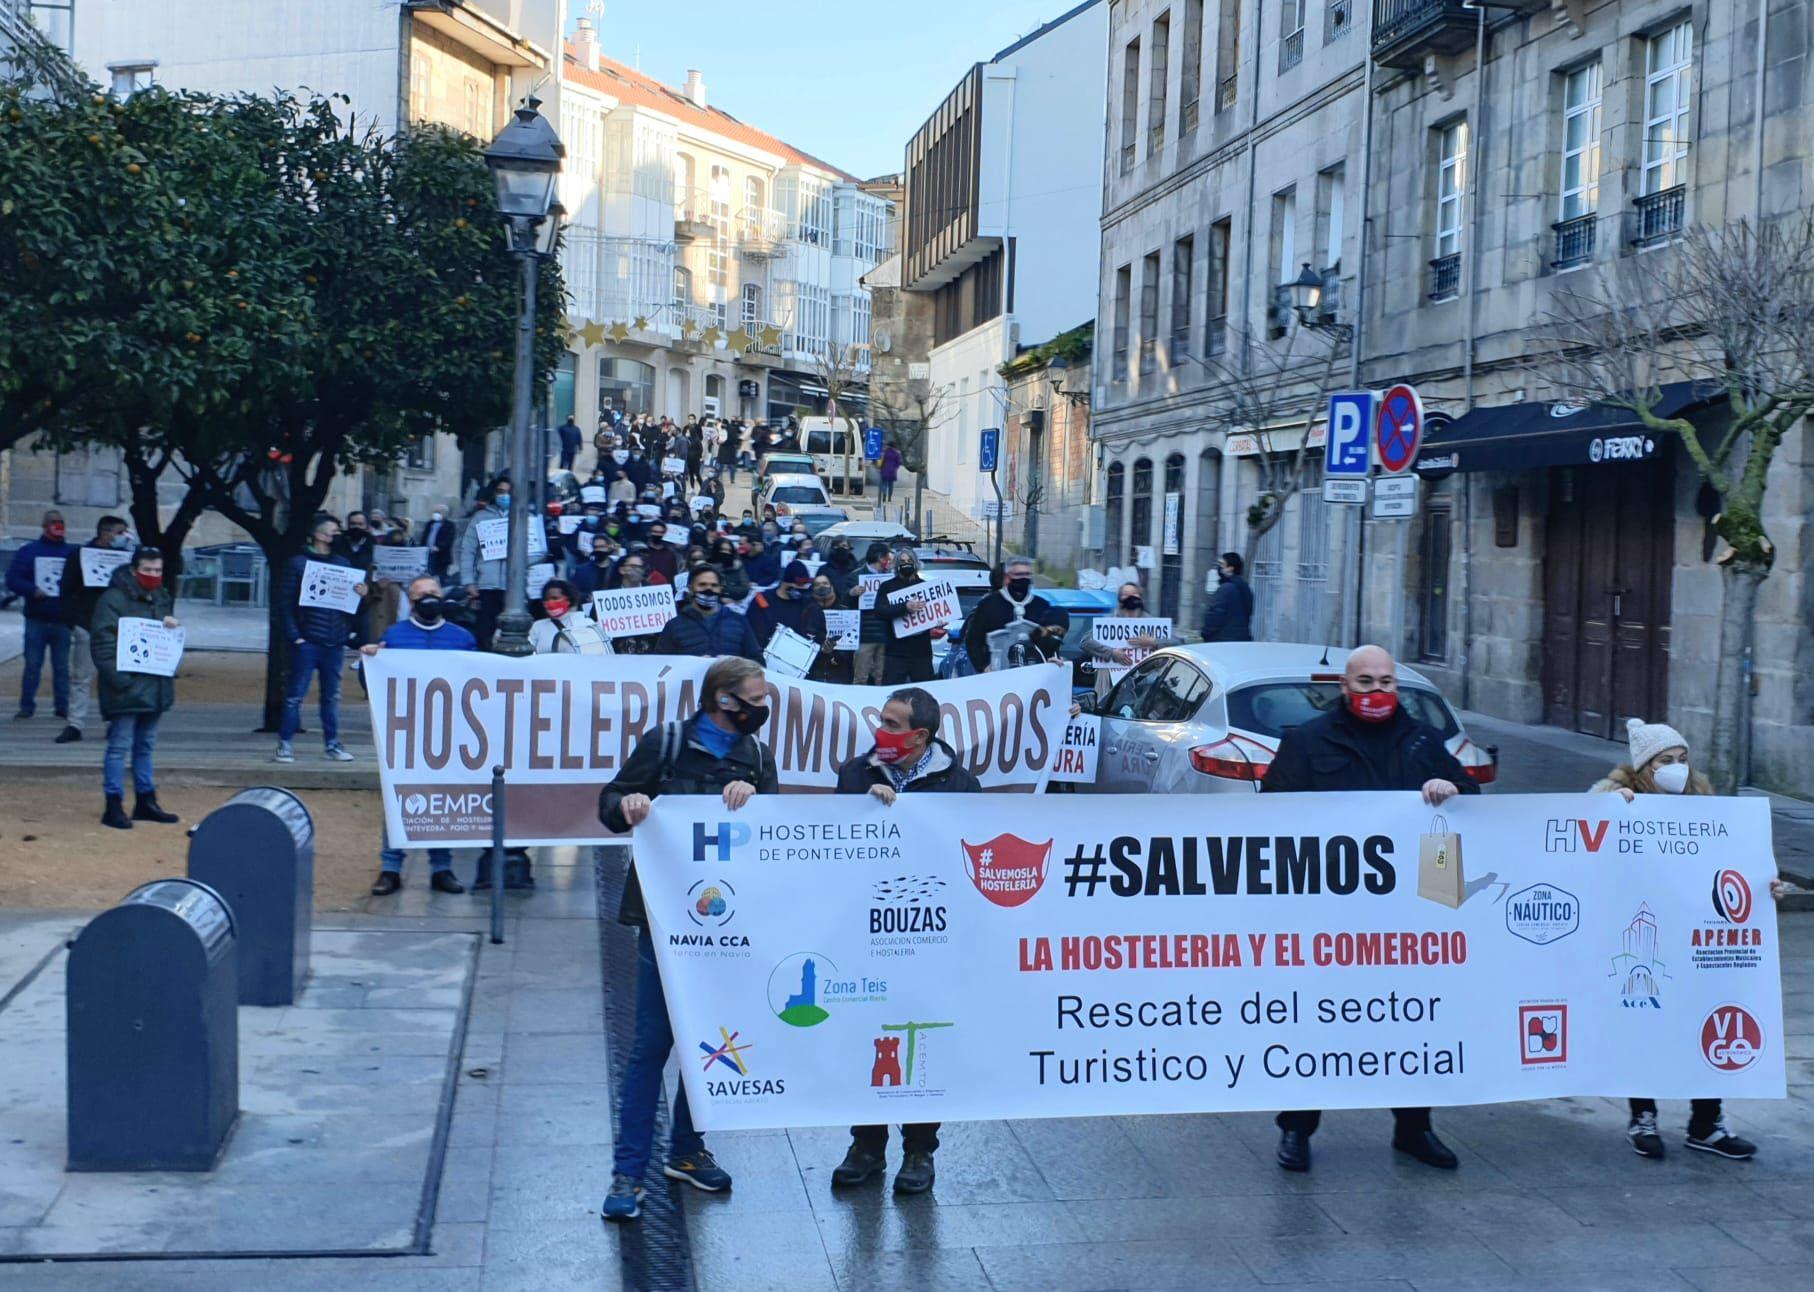 Hosteleros y comerciantes de Vigo vuelven a exigir un rescate ante la Xunta, el Concello y la Diputación